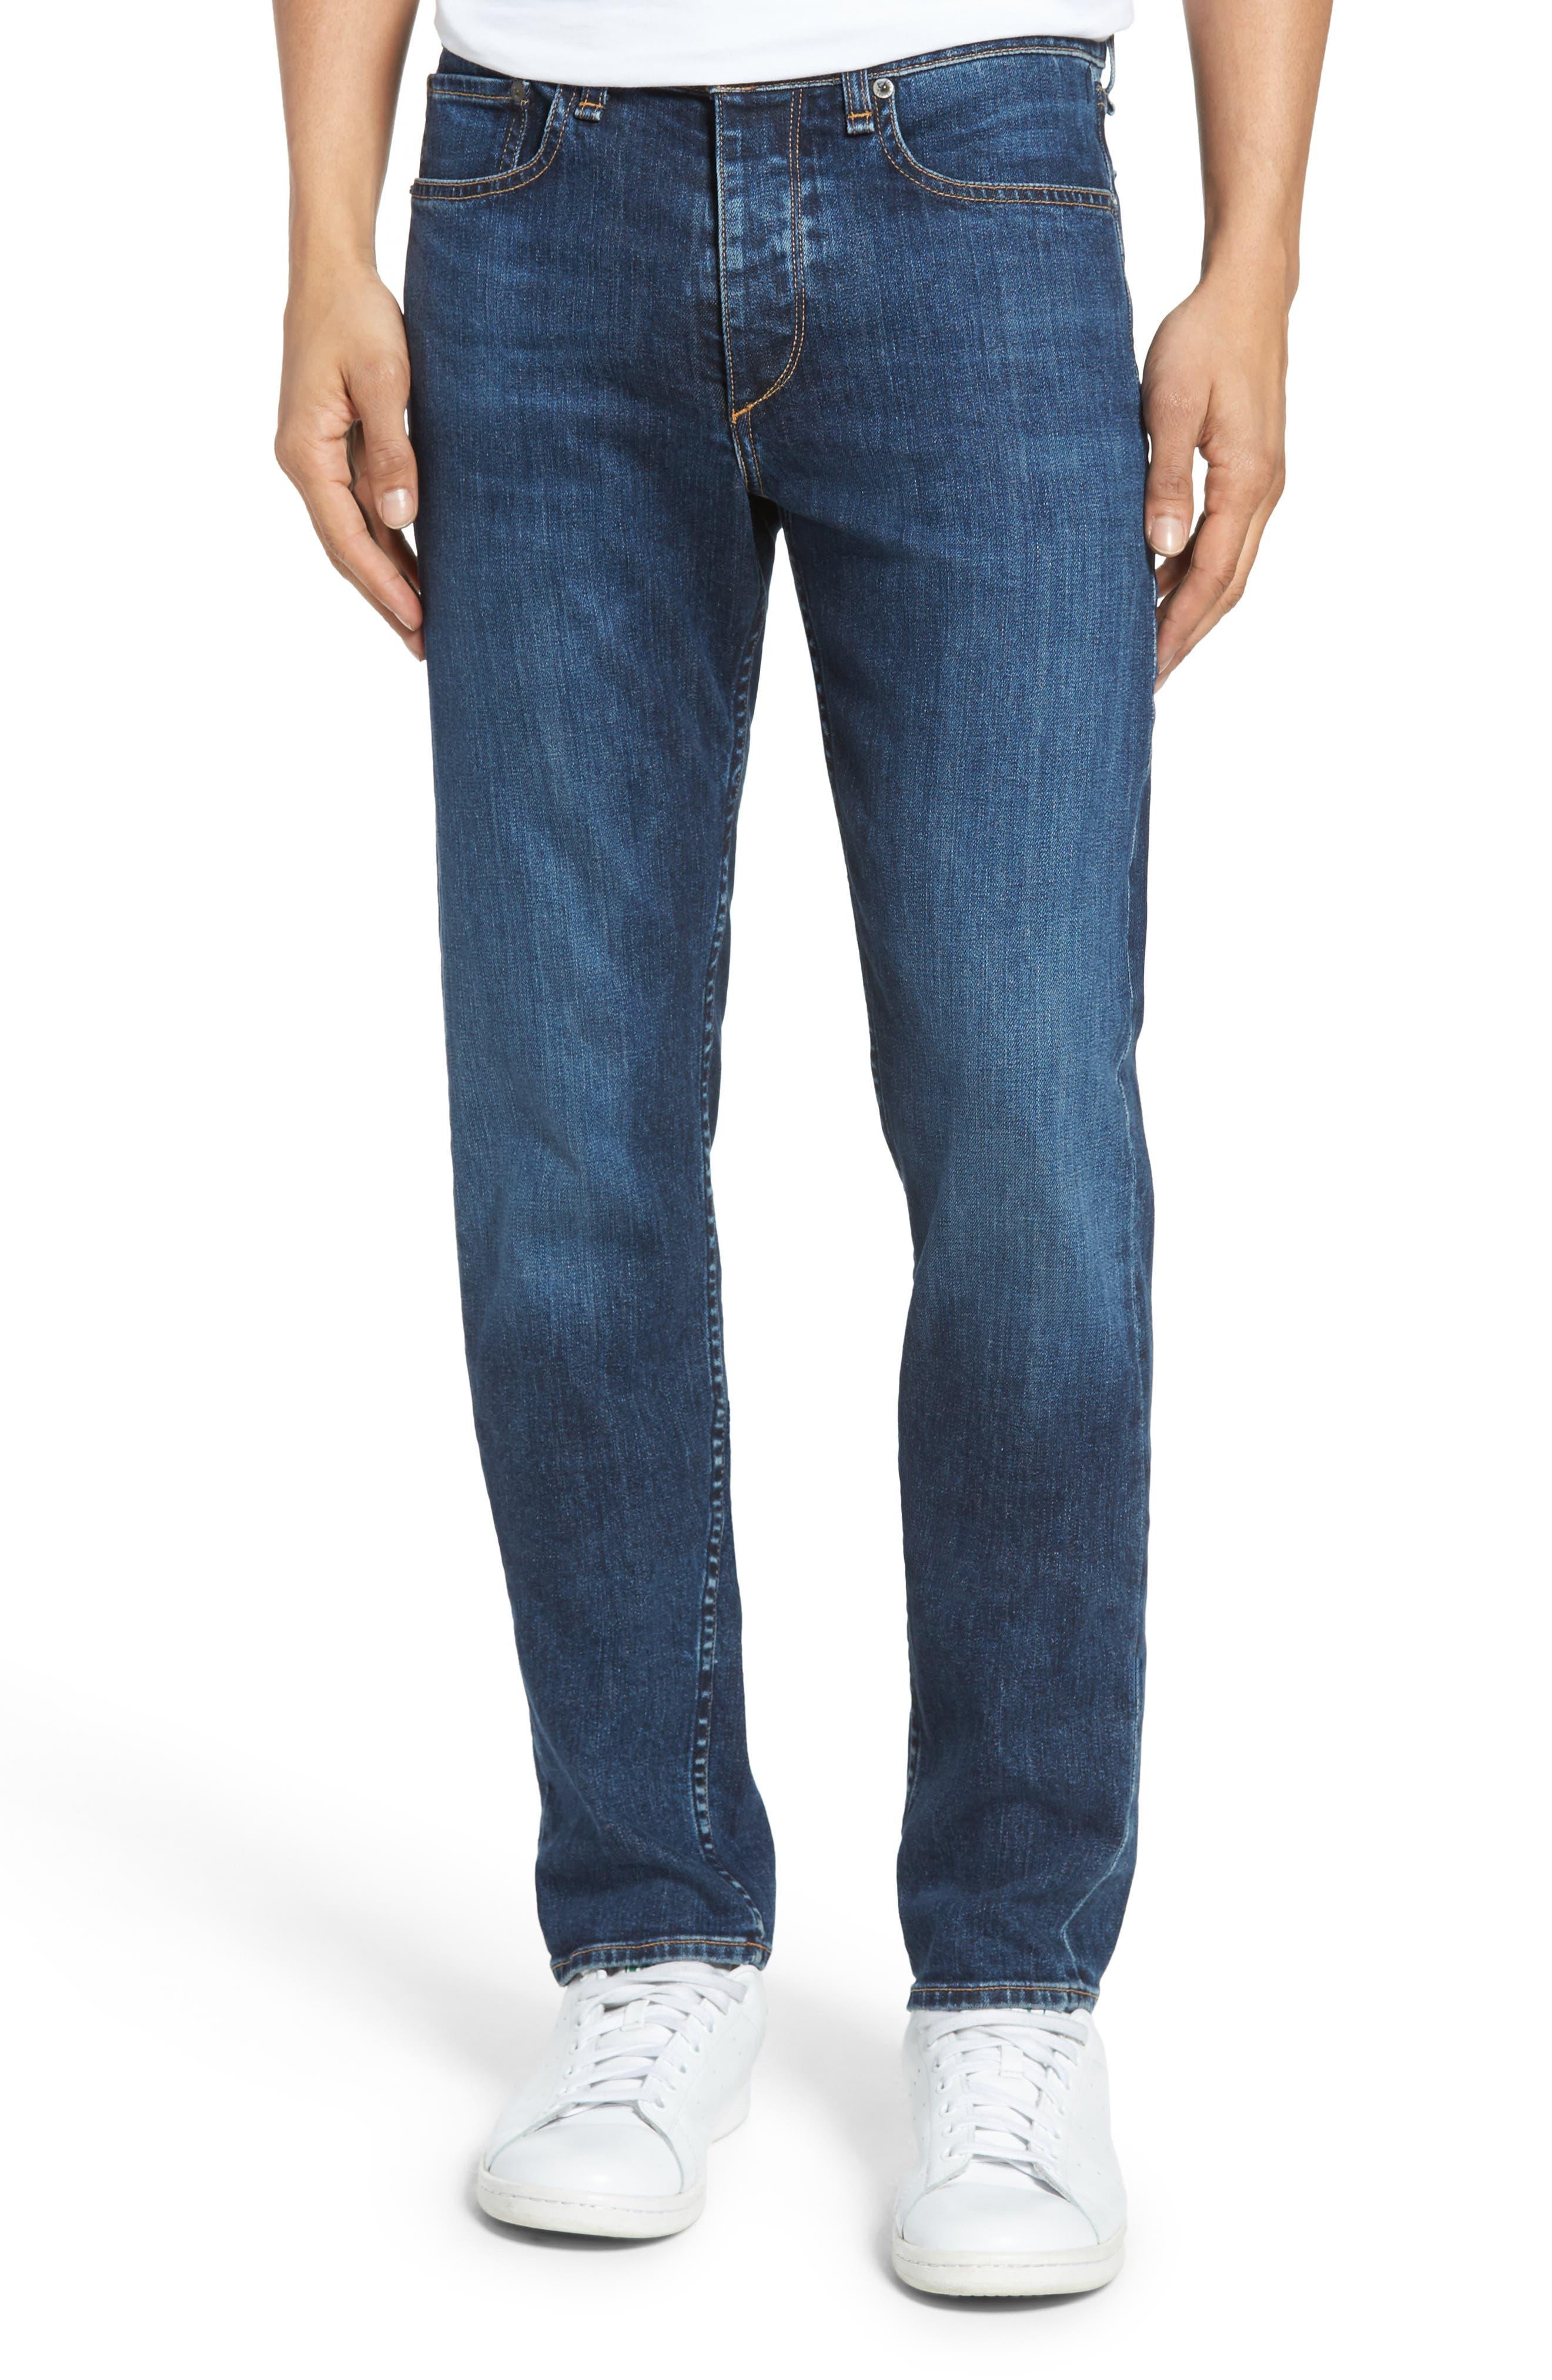 Fit 2 Slim Fit Jeans,                         Main,                         color, 423